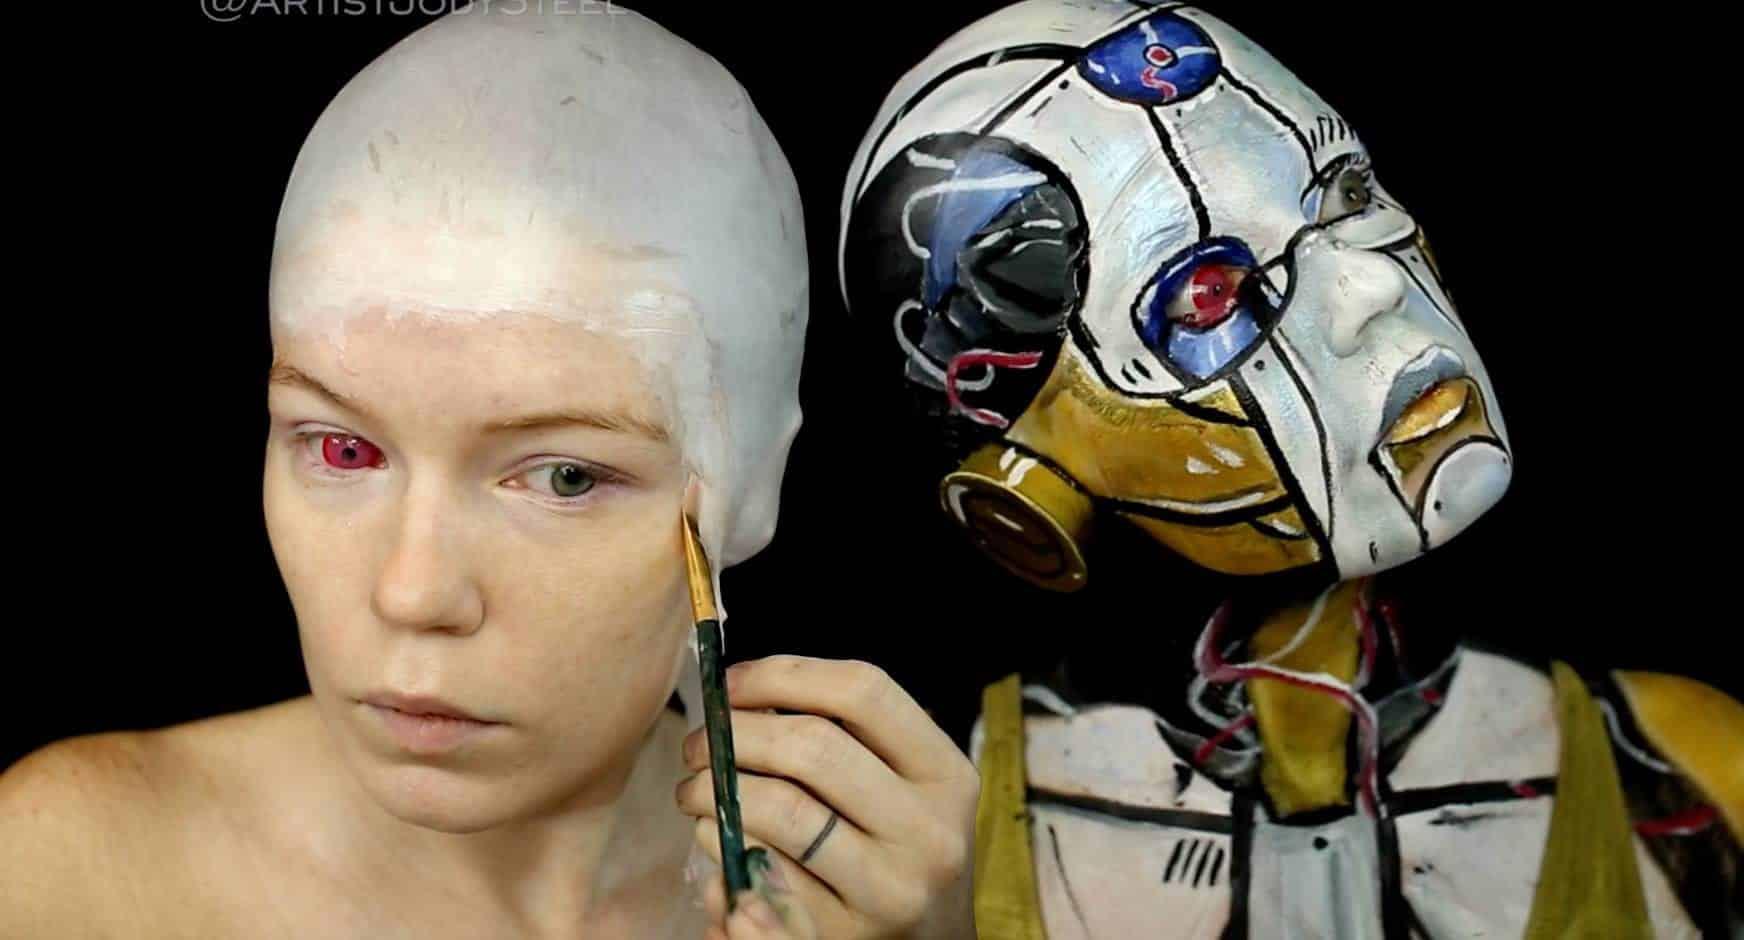 Maquiagem artística - Para que serve, como fazer + 35 inspirações